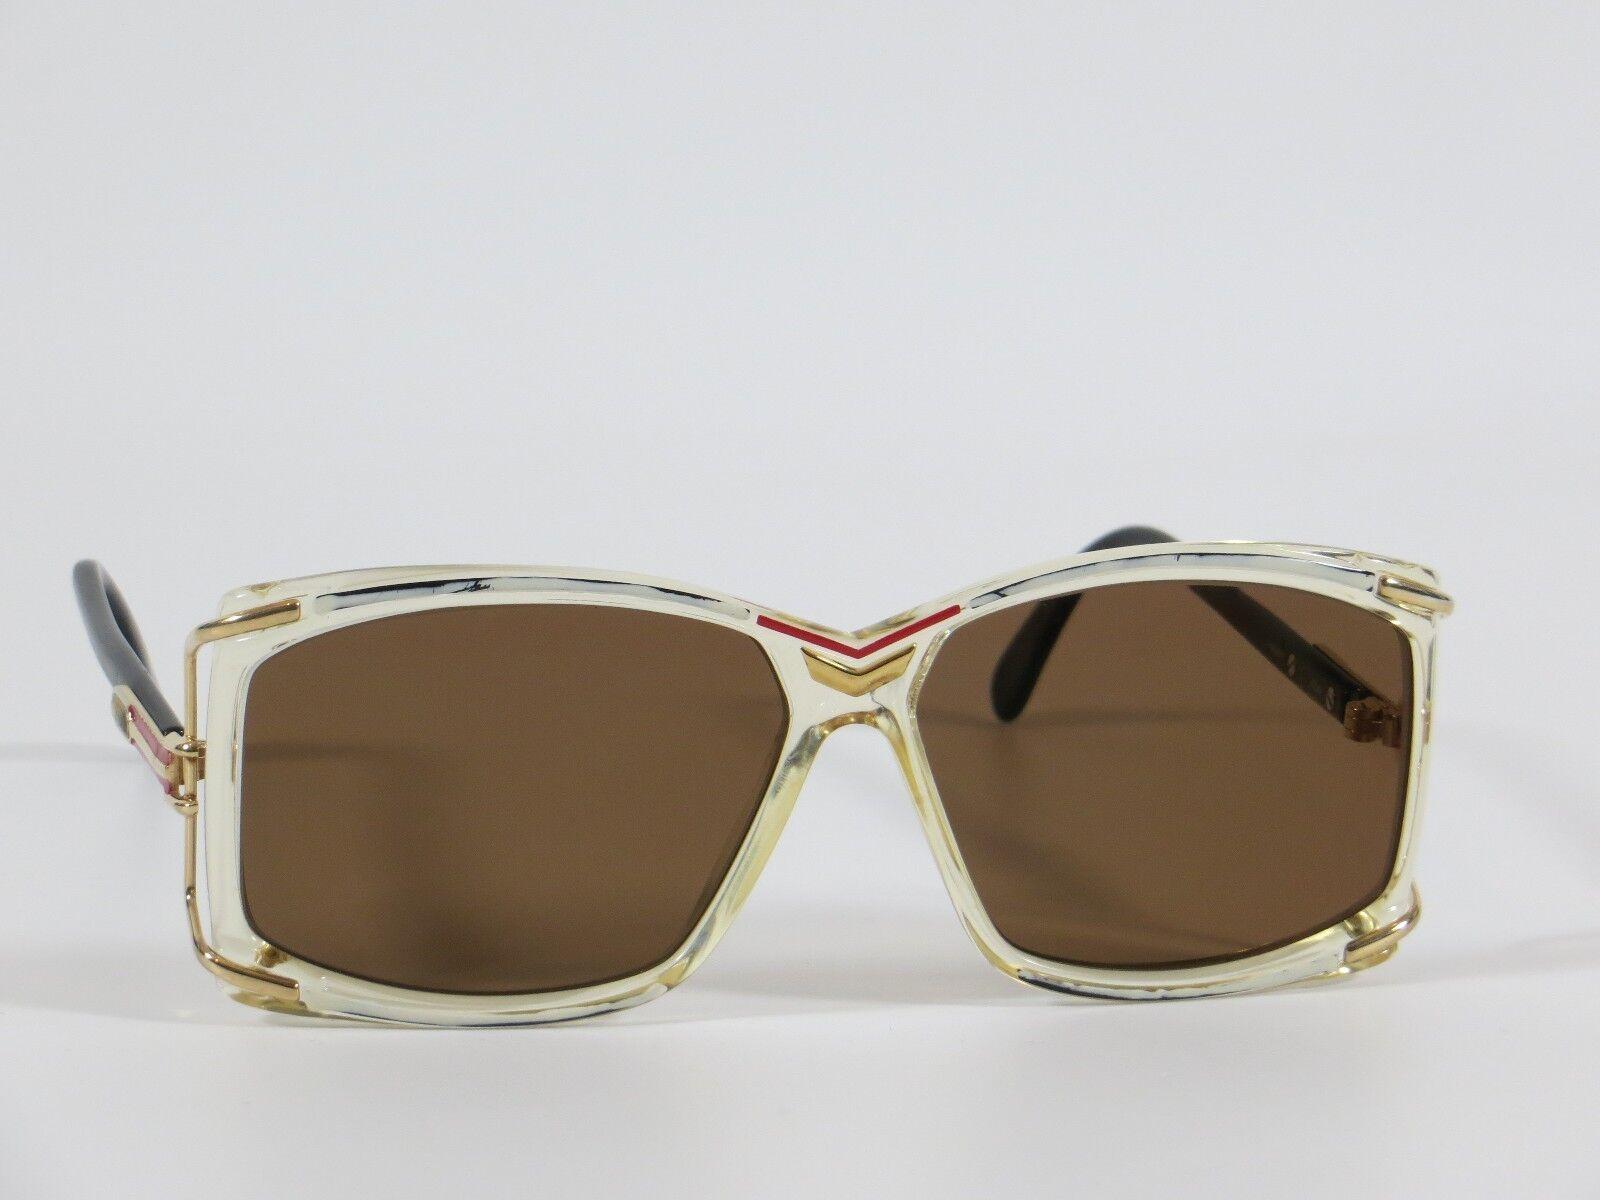 CAZAL Vintage Sonnenbrille Brillengestell sunglasses frame | Online-verkauf  Online-verkauf  Online-verkauf  447f97